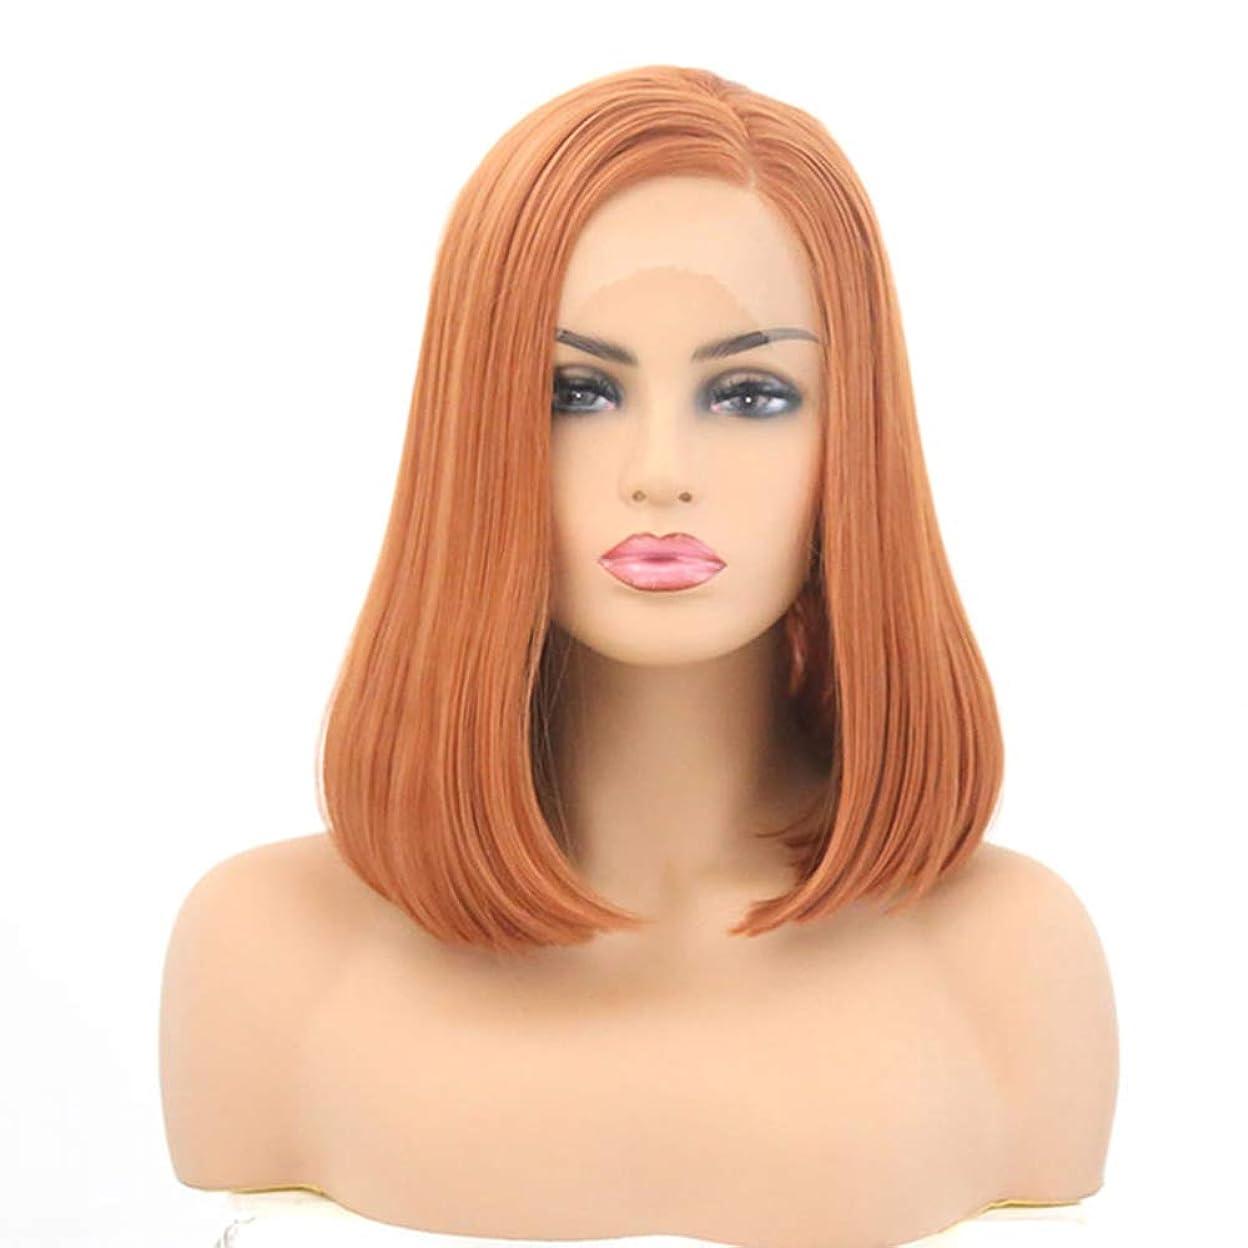 患者トレードハンバーガー女性用ウィッグ、ファッションフロントレースオレンジボブ高温シルクウィッグ、16?26インチ調節可能なかつらすべてのヘッドタイプ